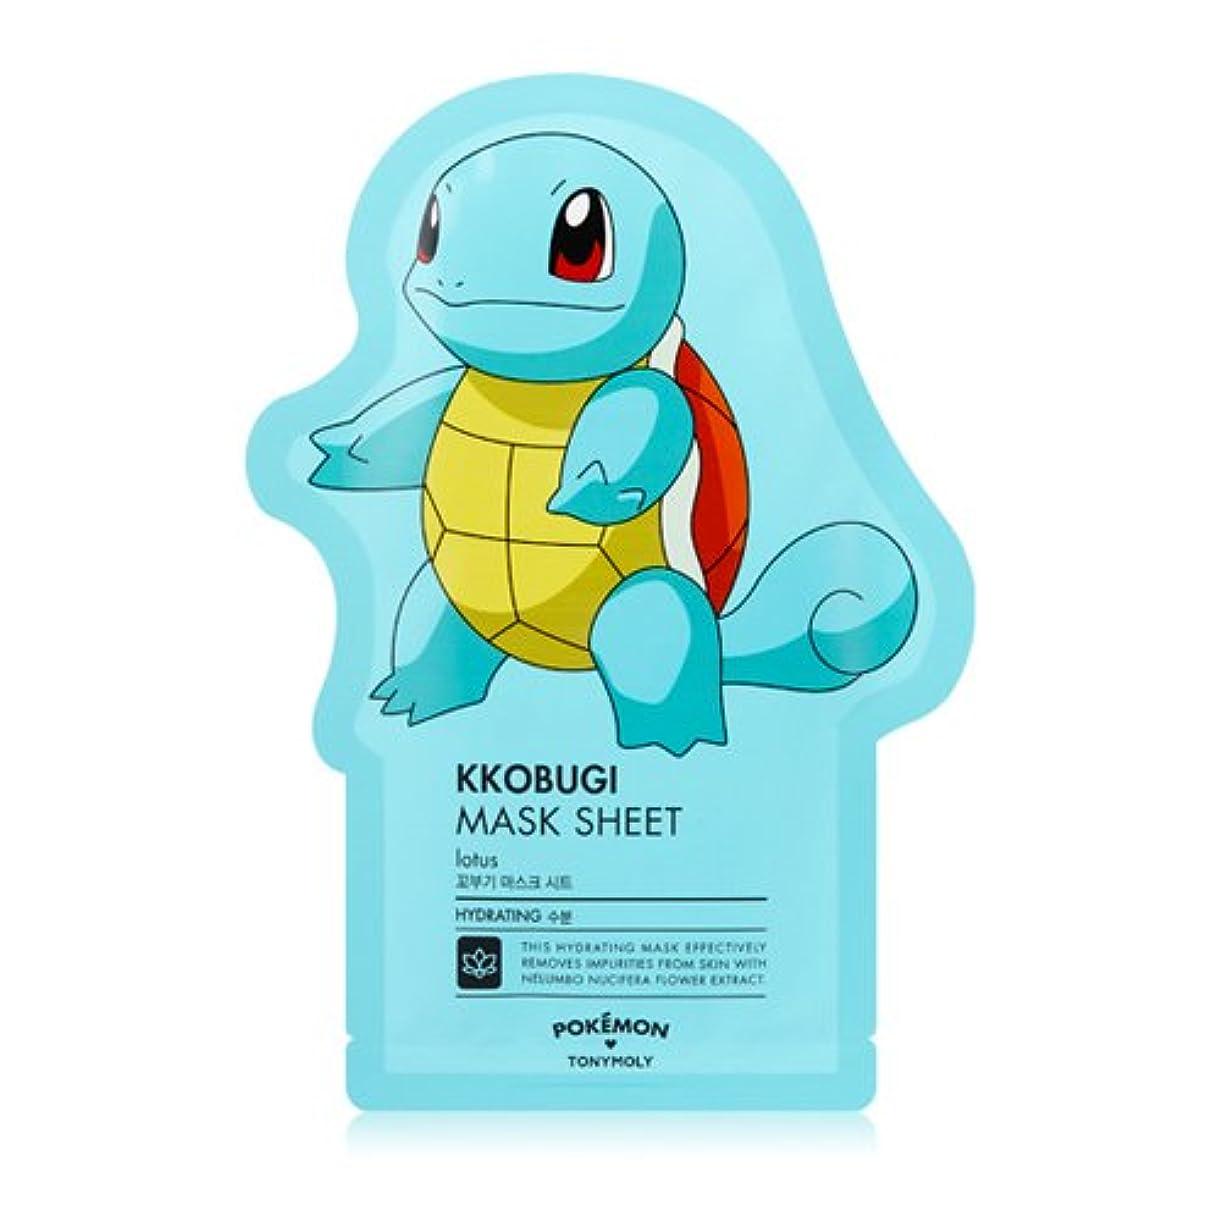 宴会エネルギーリーガン(3 Pack) TONYMOLY x Pokemon Squirtle/Kkobugi Mask Sheet (並行輸入品)